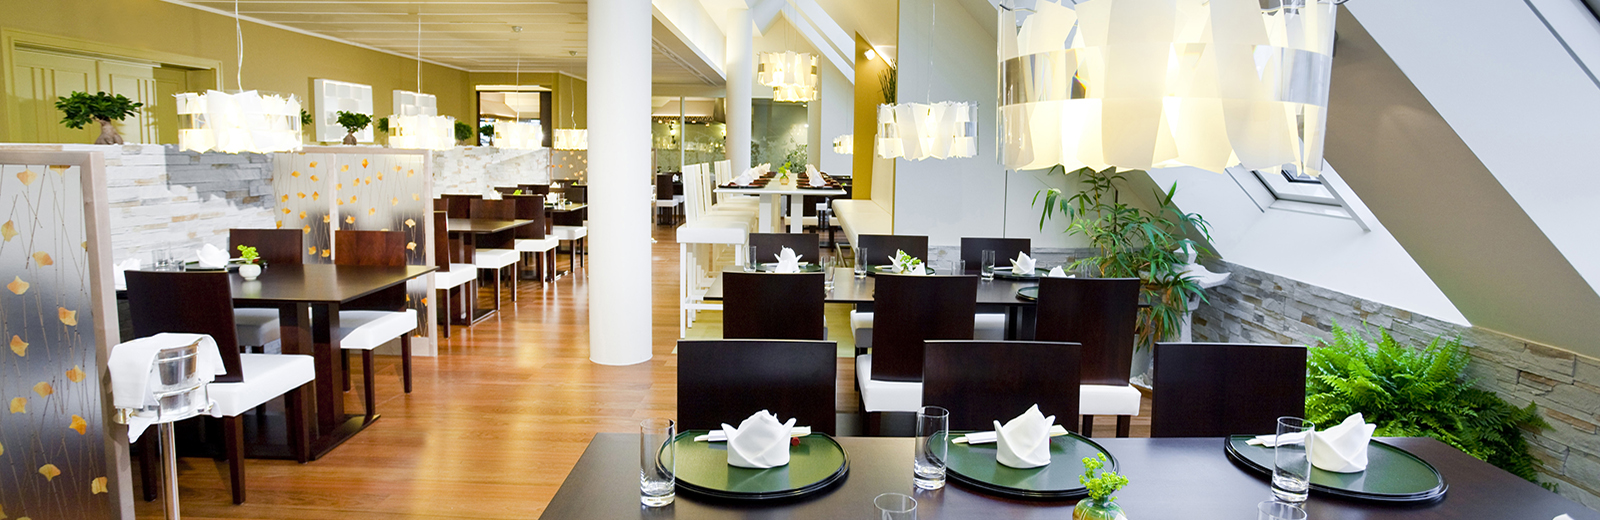 14E Restaurant Unkai